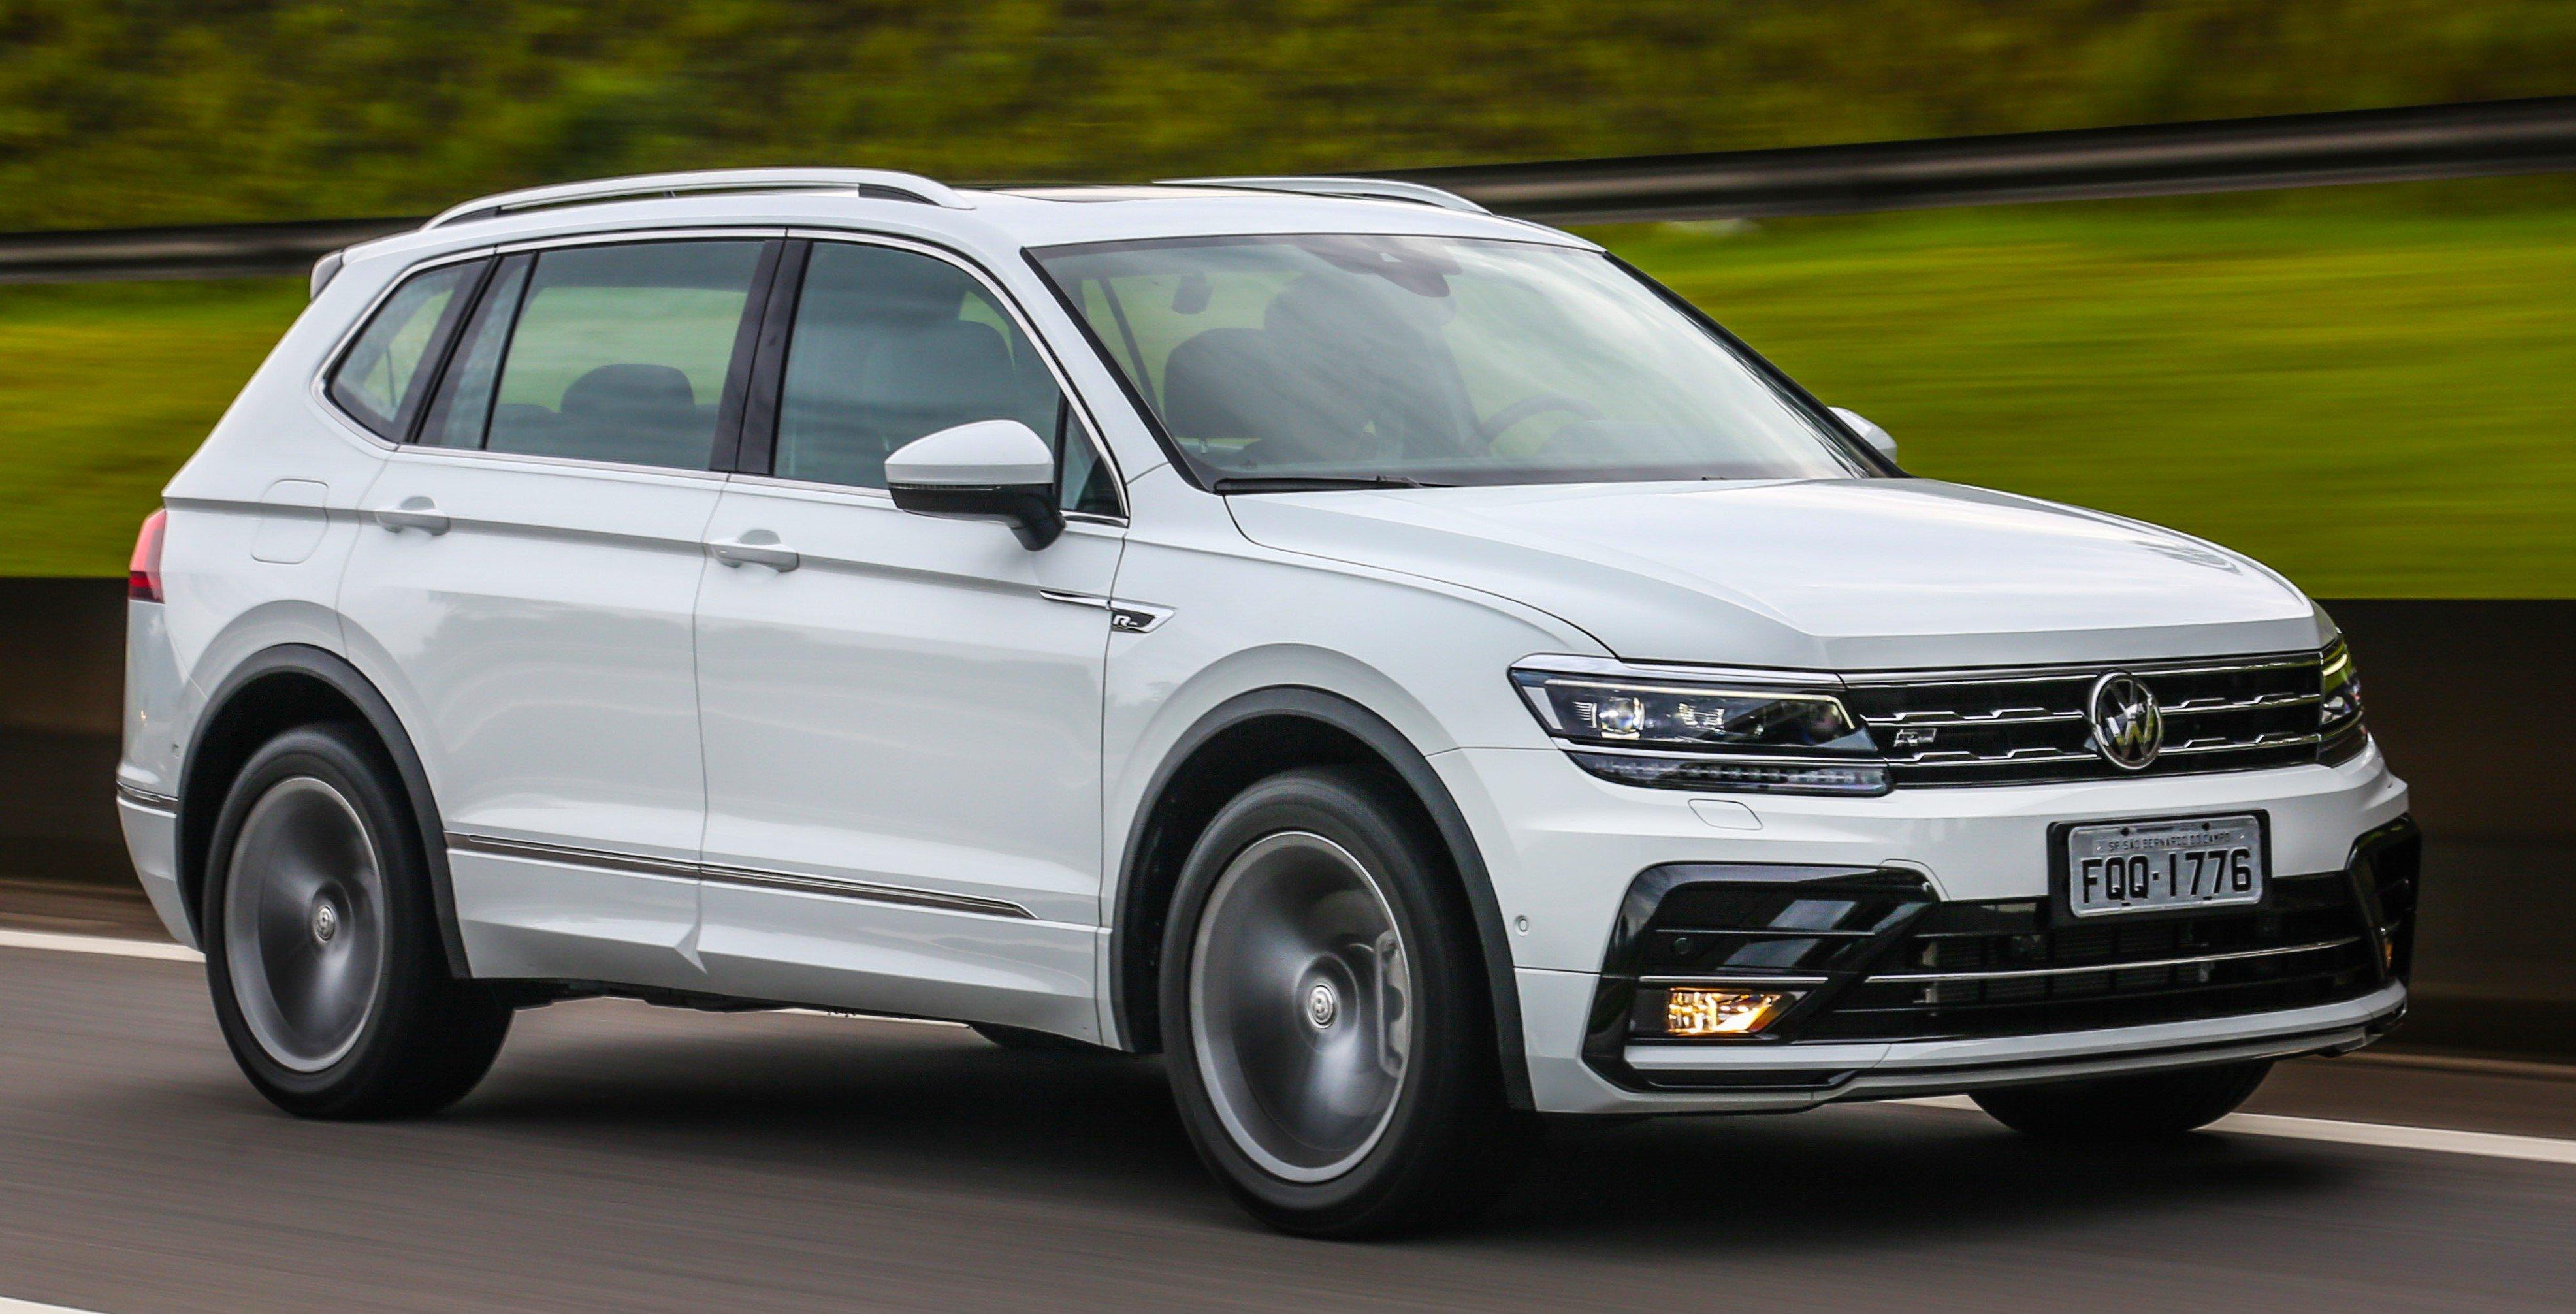 Novo SUV da Volkswagen, Tiguan Allspace tem estreia triunfal e supera rivais em vendas